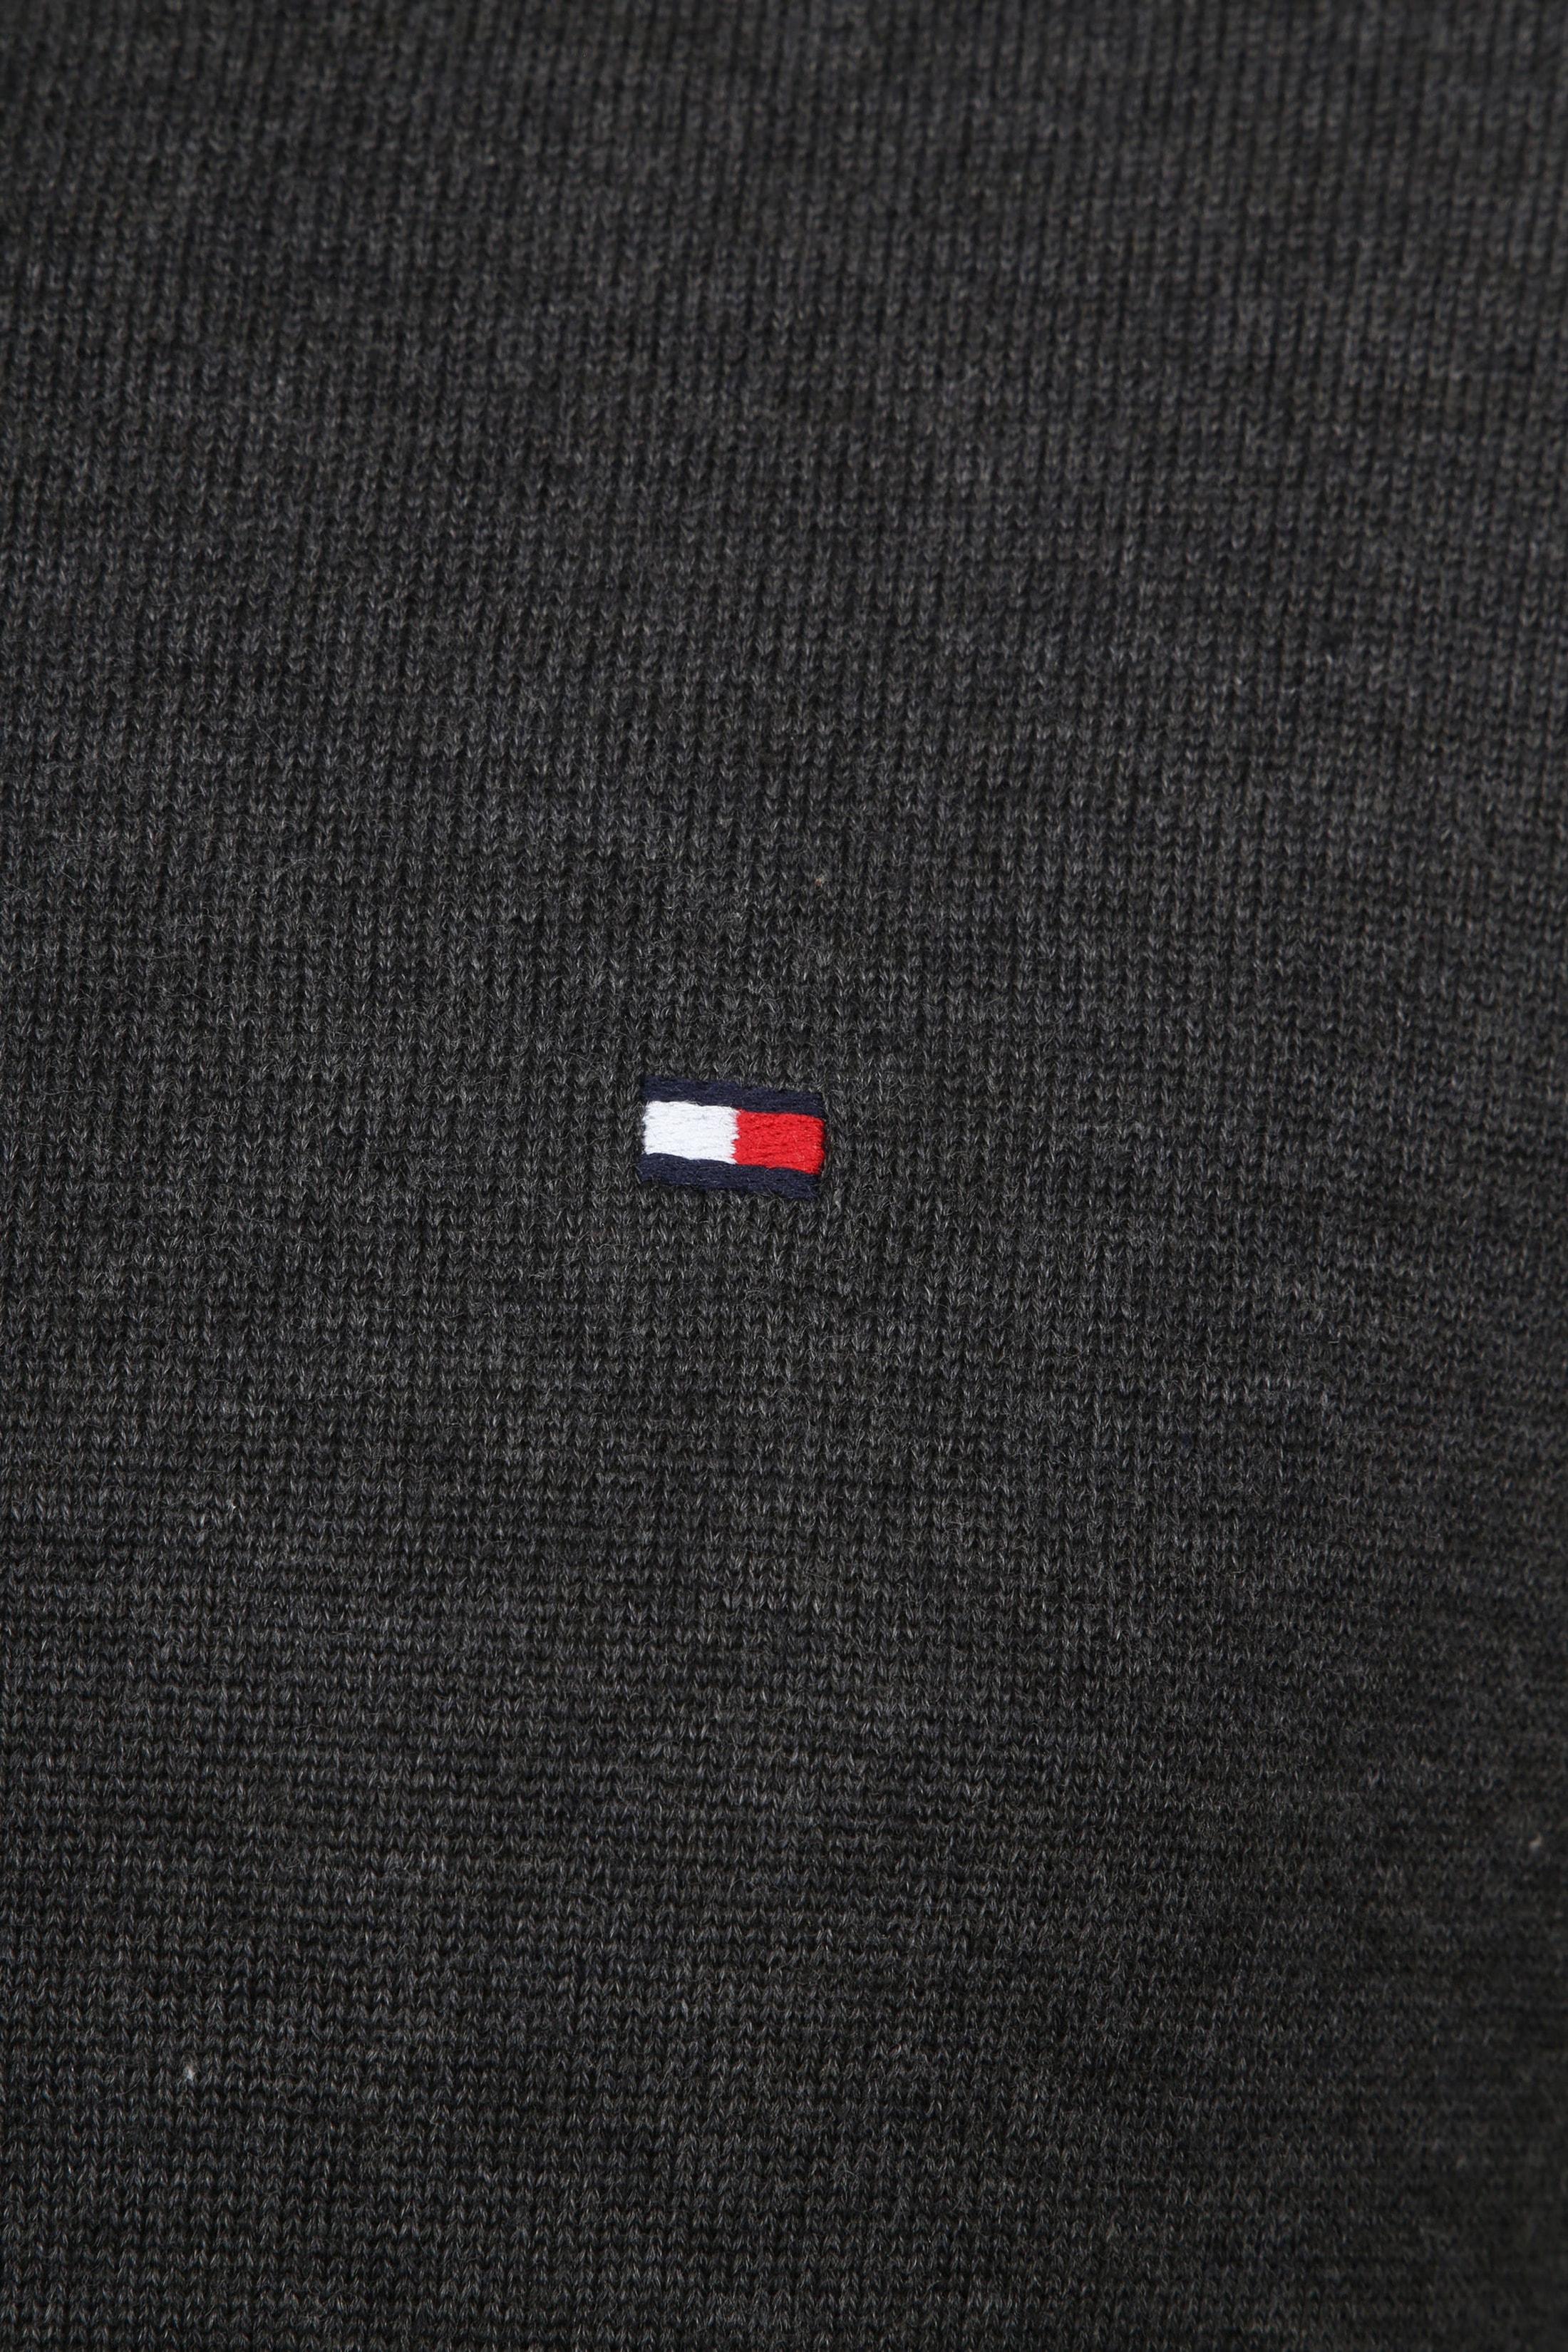 Tommy Hilfiger Pullover V-Hals Antraciet foto 1